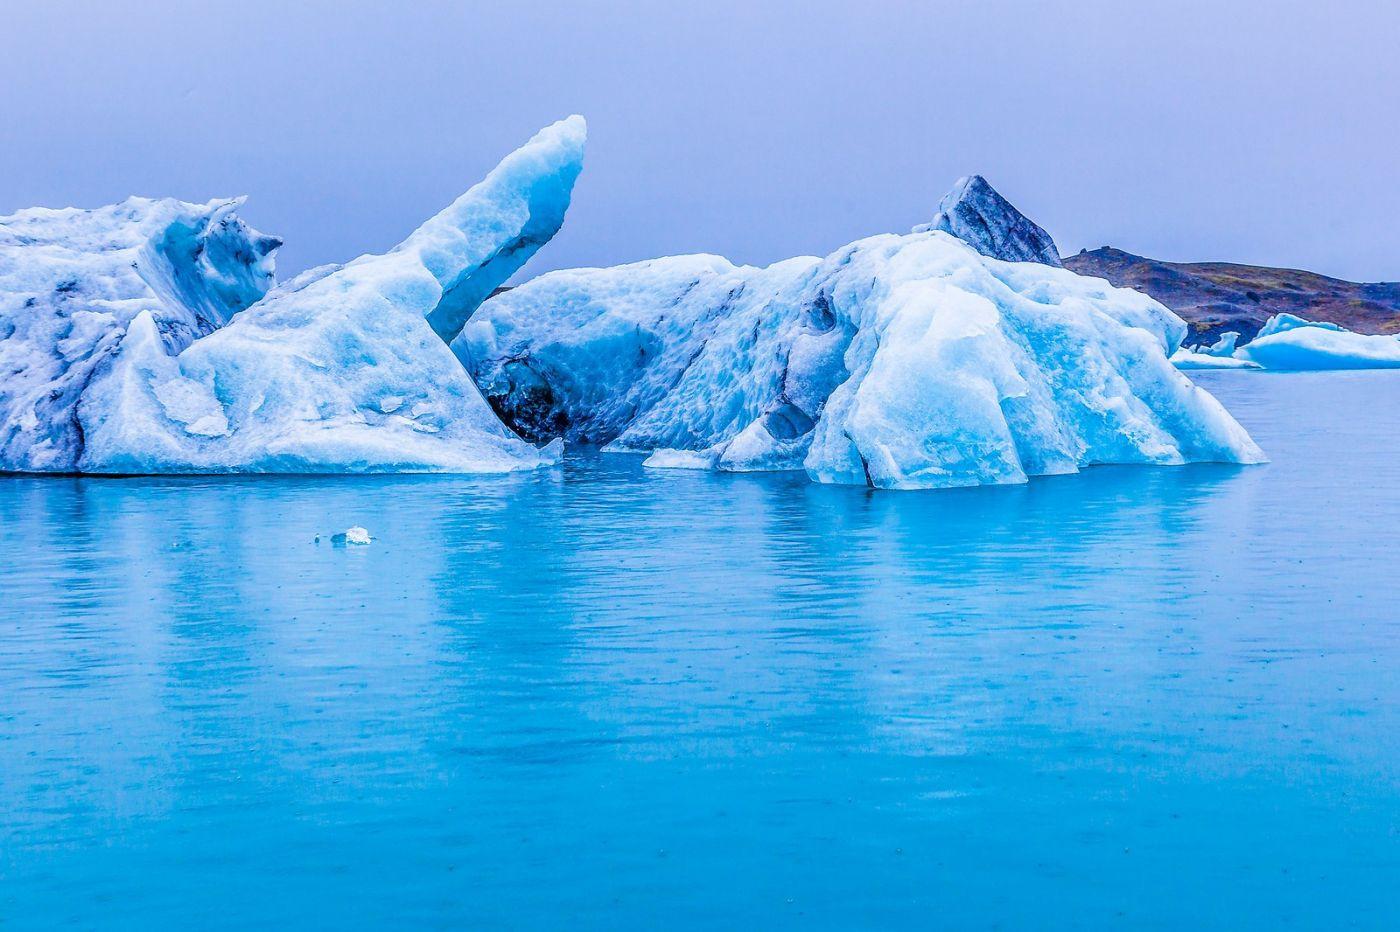 冰岛冰川泻湖(Glacier Lagoon),自然雕塑_图1-8